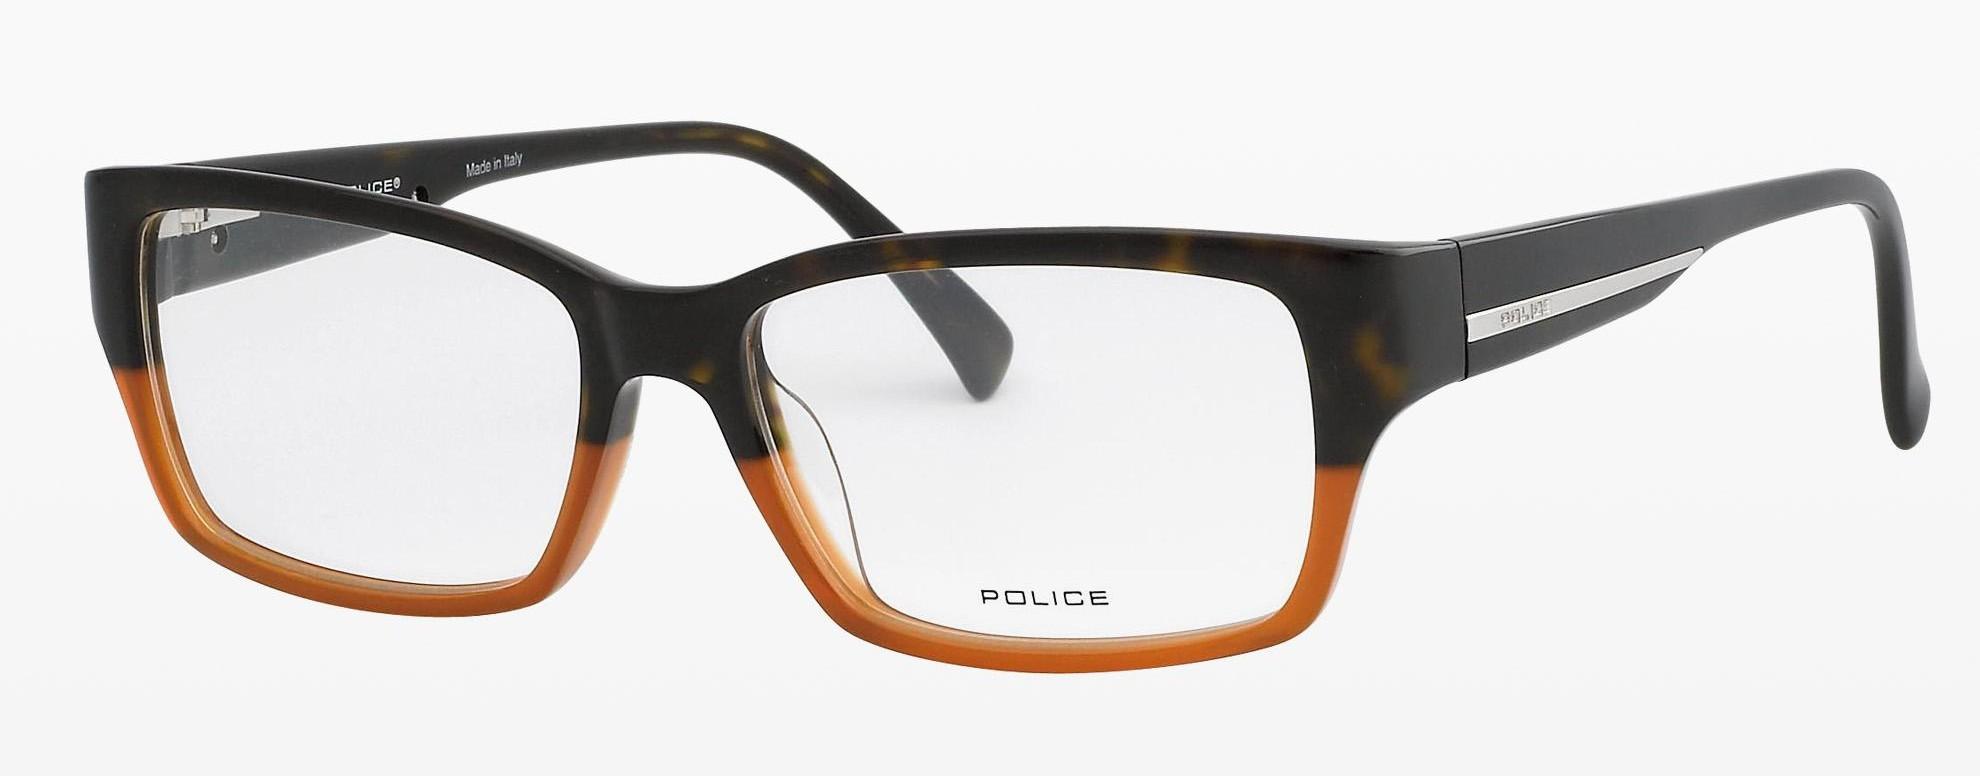 Optical Glasses Police : Police Eyeglasses - Police V1696M, Police V1697, Police ...